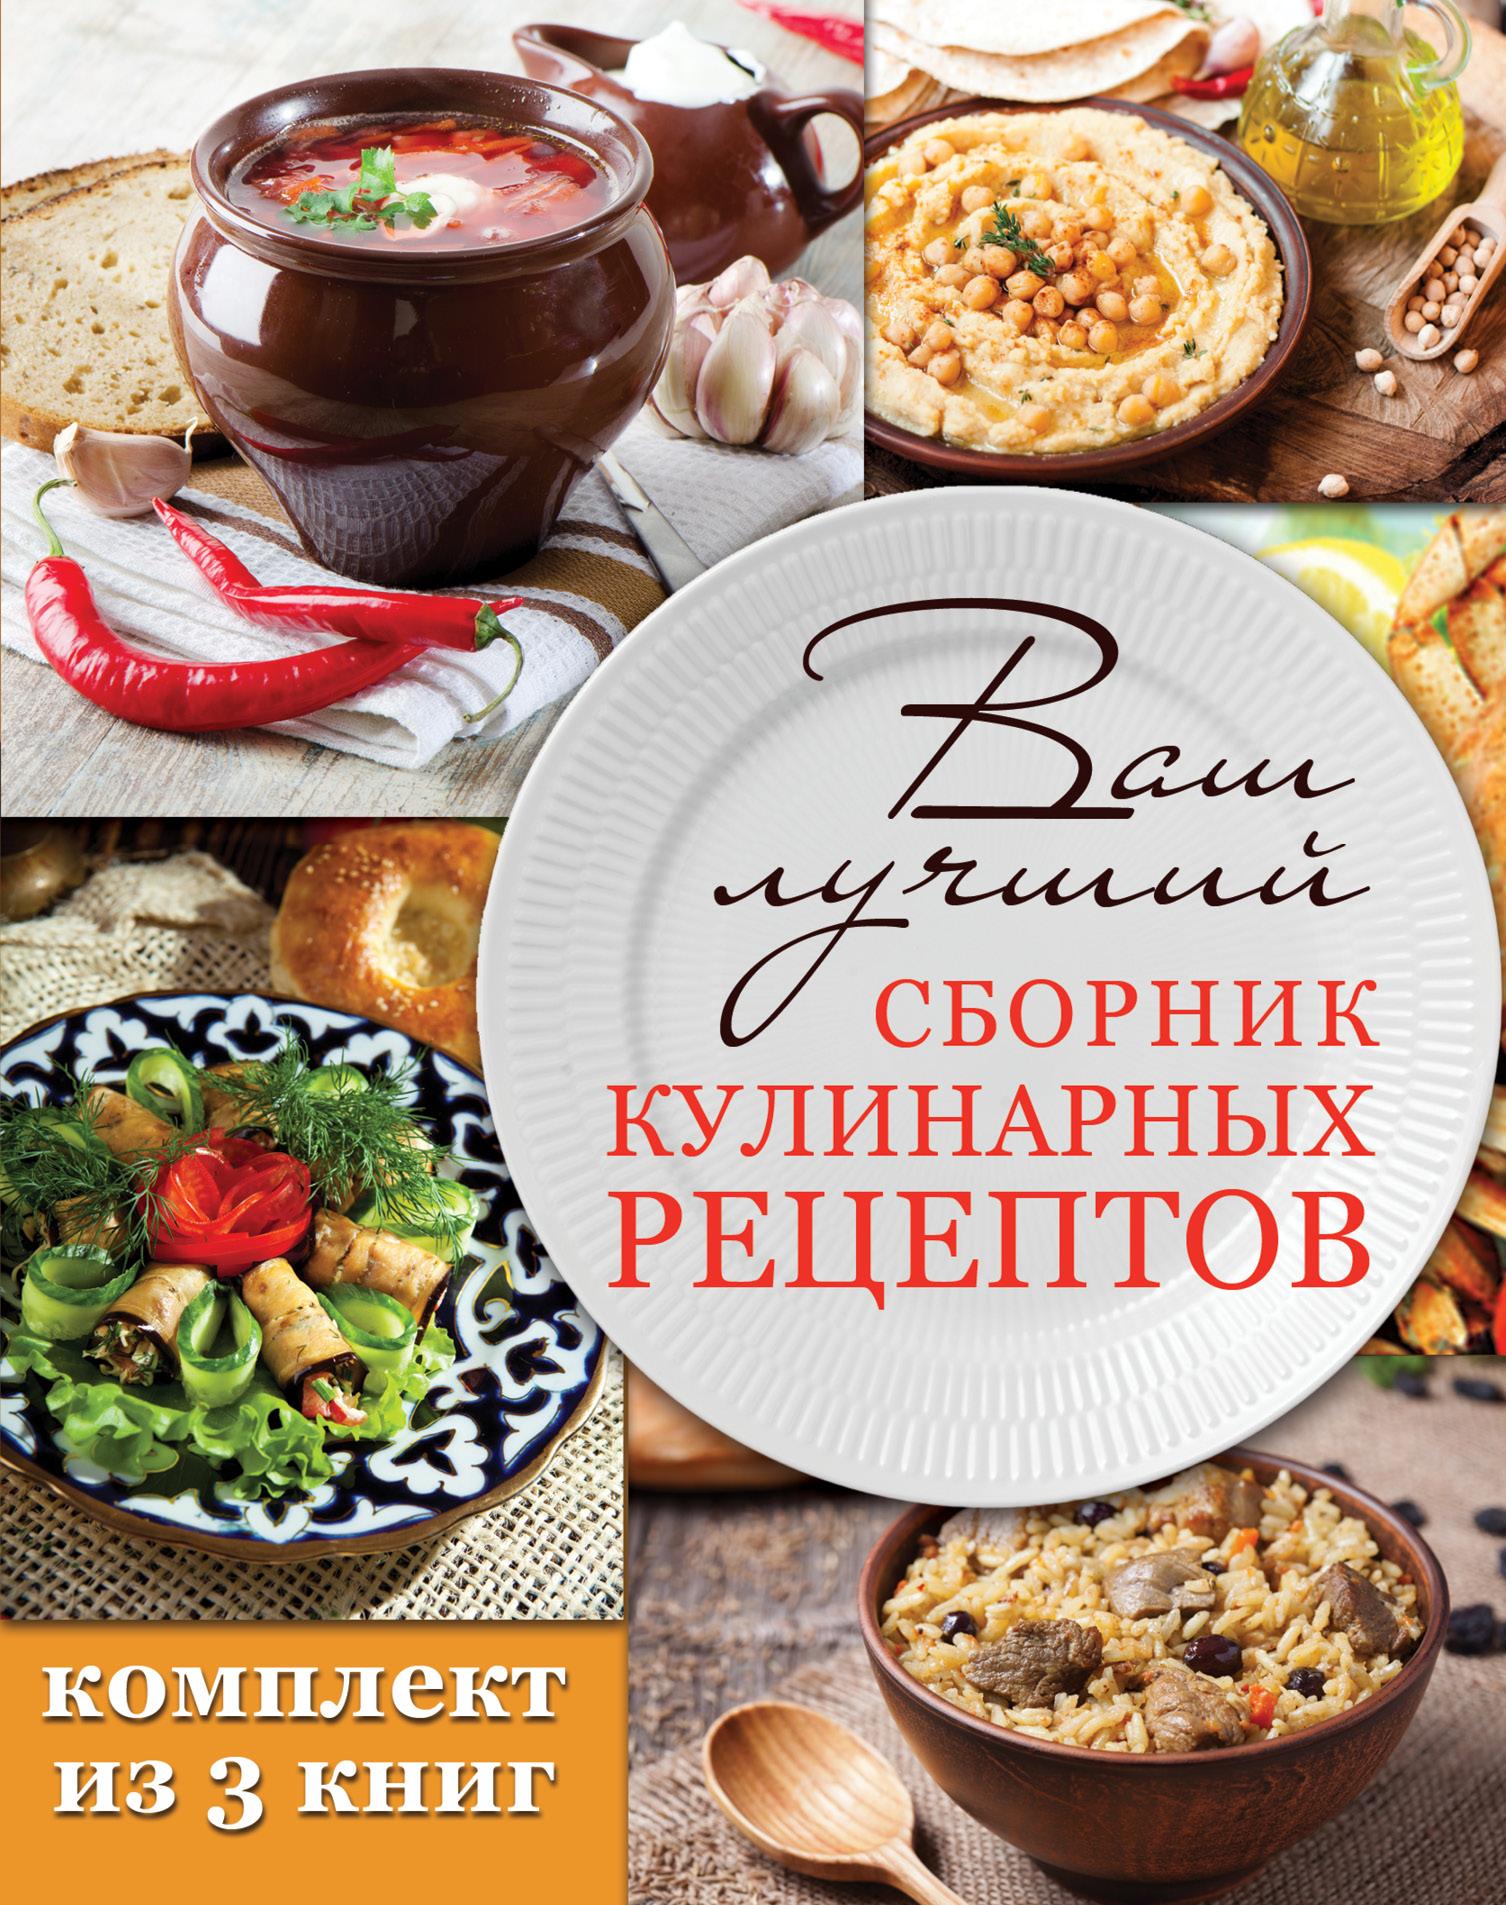 Вороникова Е.С. Ваш лучший сборник кулинарных рецептов (комплект из 3 книг) записные книжки фолиант книга для записей кулинарных рецептов